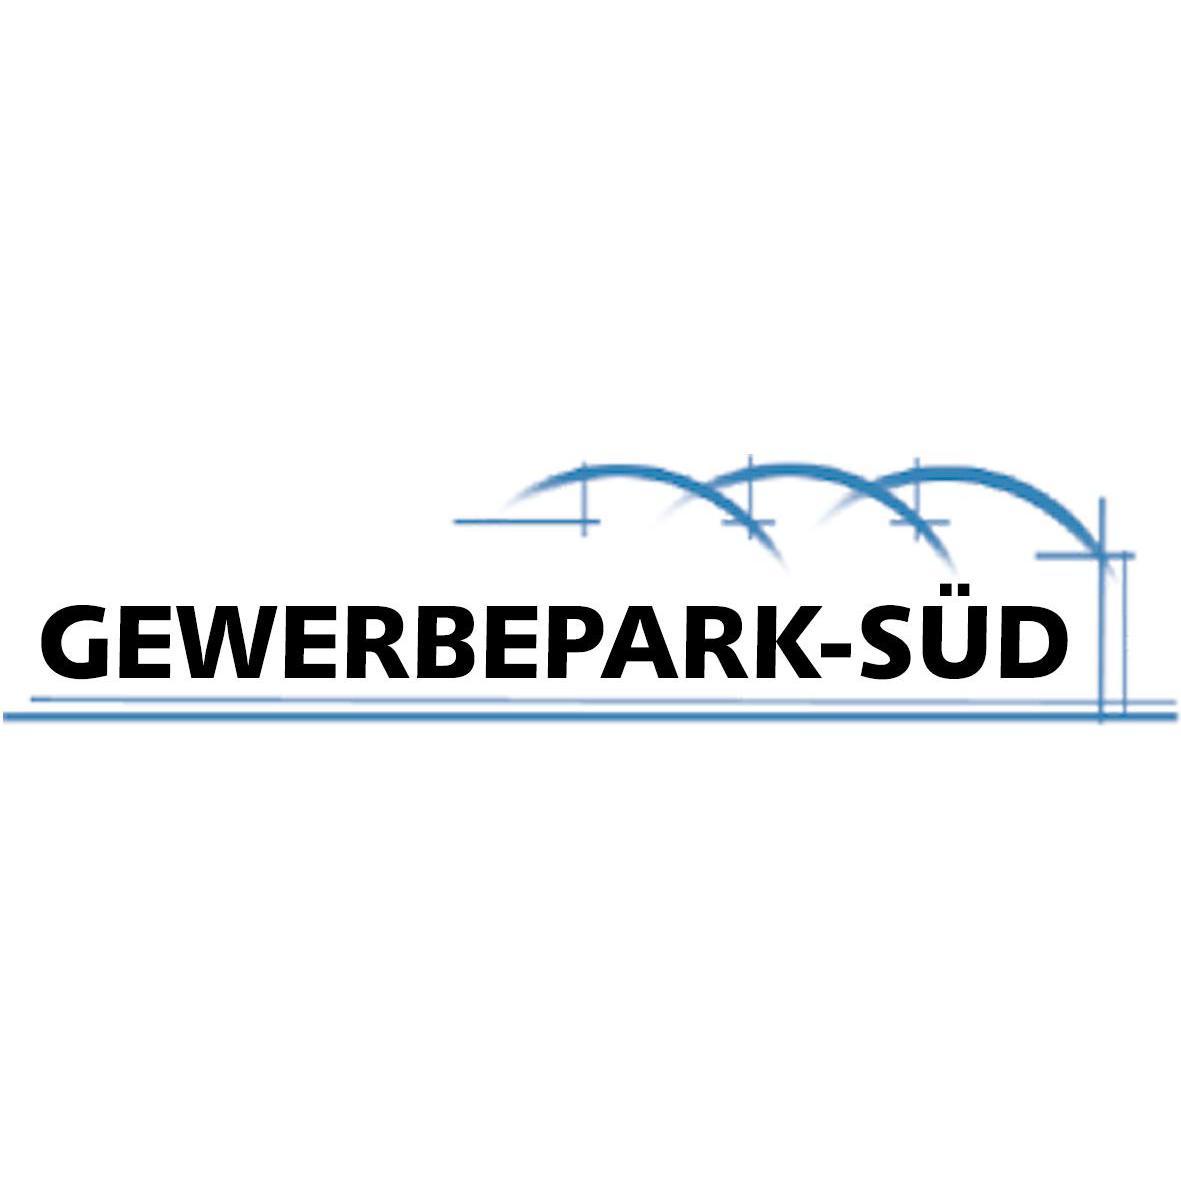 Bild zu Gewerbepark -Süd W. Bauermann und Söhne GbR in Hilden